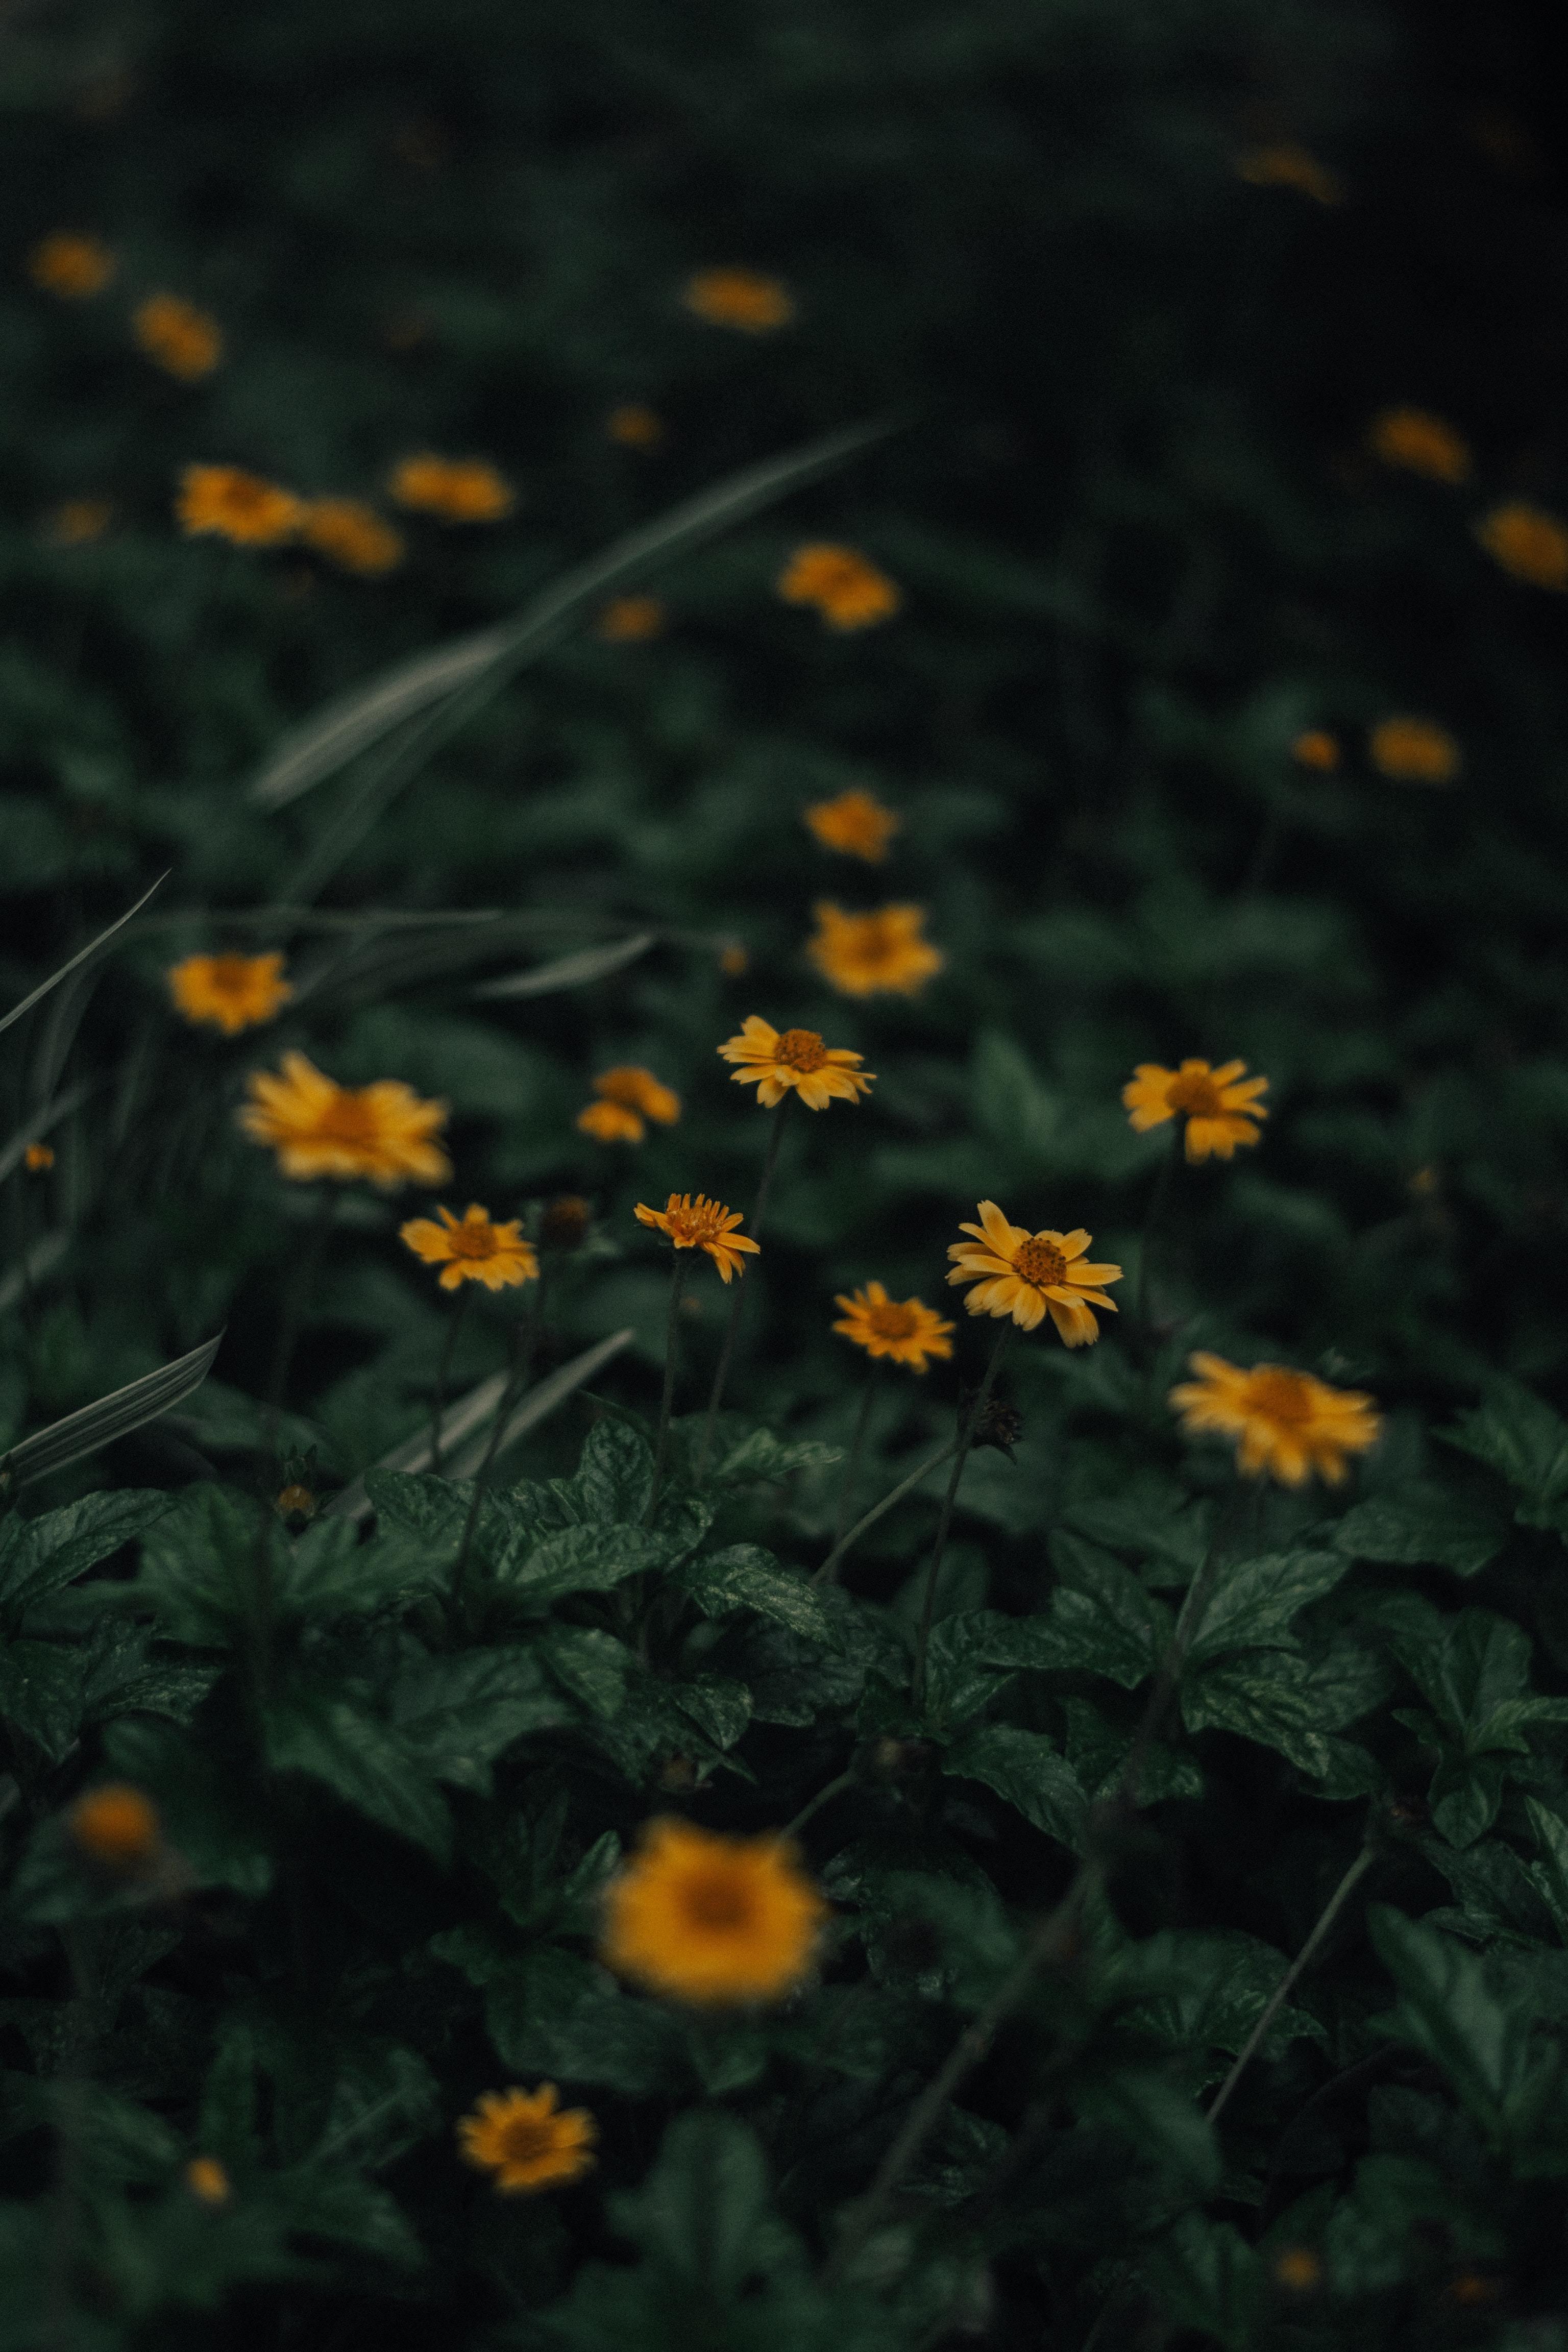 yellow-flowers-in-tilt-shift-lens-3848484